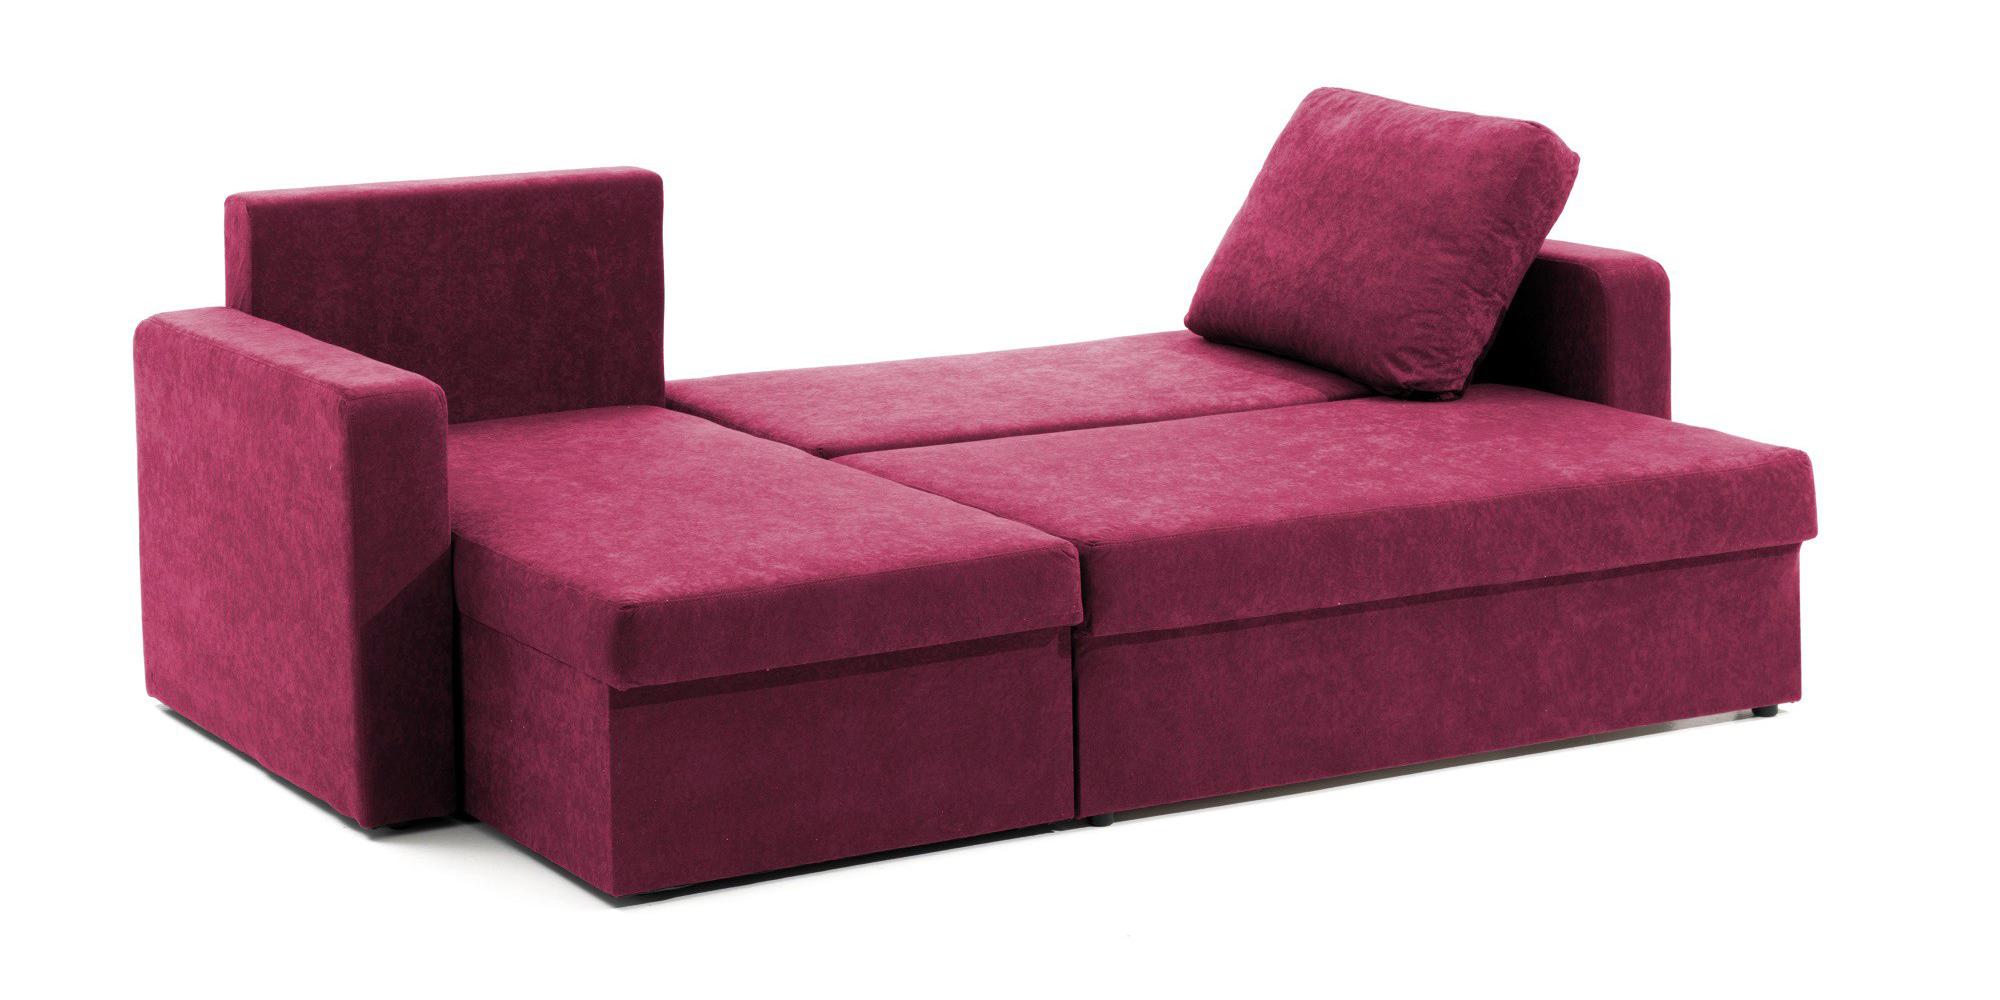 Как выбрать диван для сна на каждый день - советы эксперта